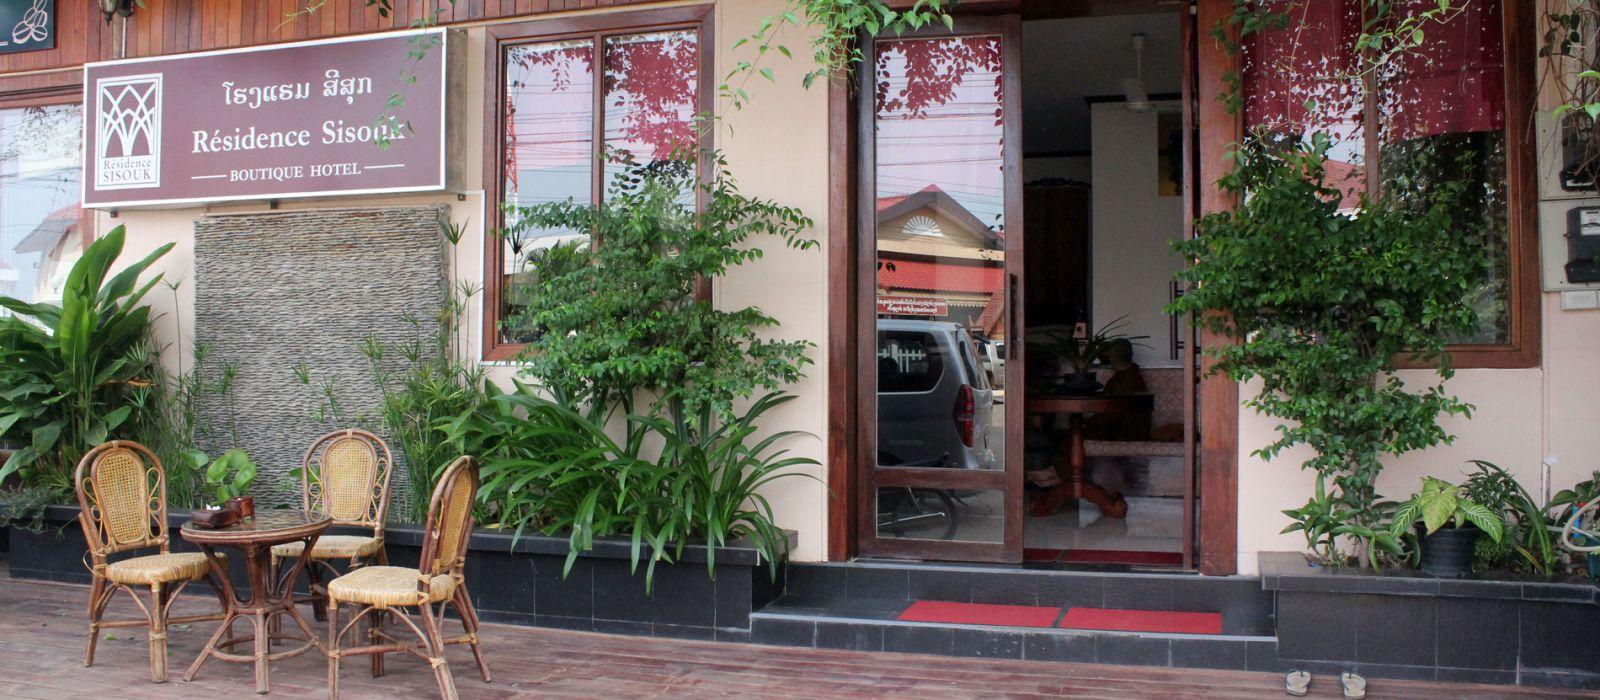 Hotel Residence Sisouk Laos